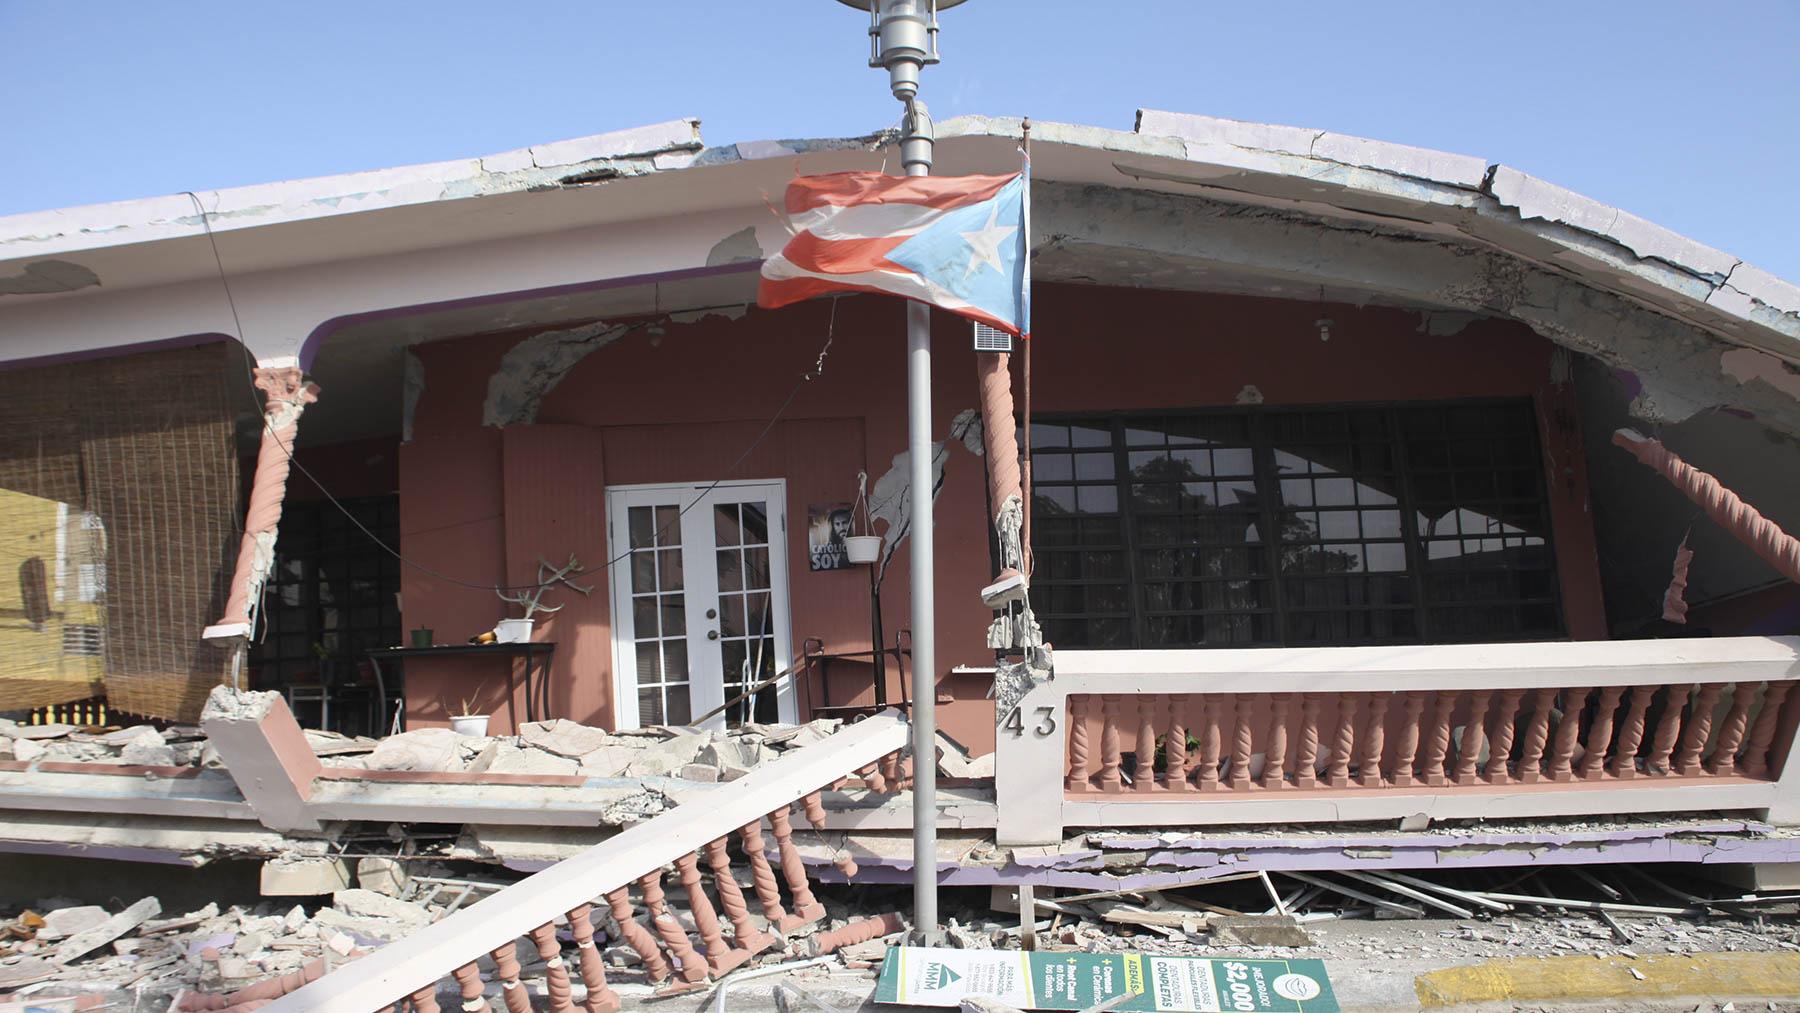 Daños a raíz de los terremotos de Puerto Rico de 2020. (Foto de Marcial Muñoz para Direct Relief)